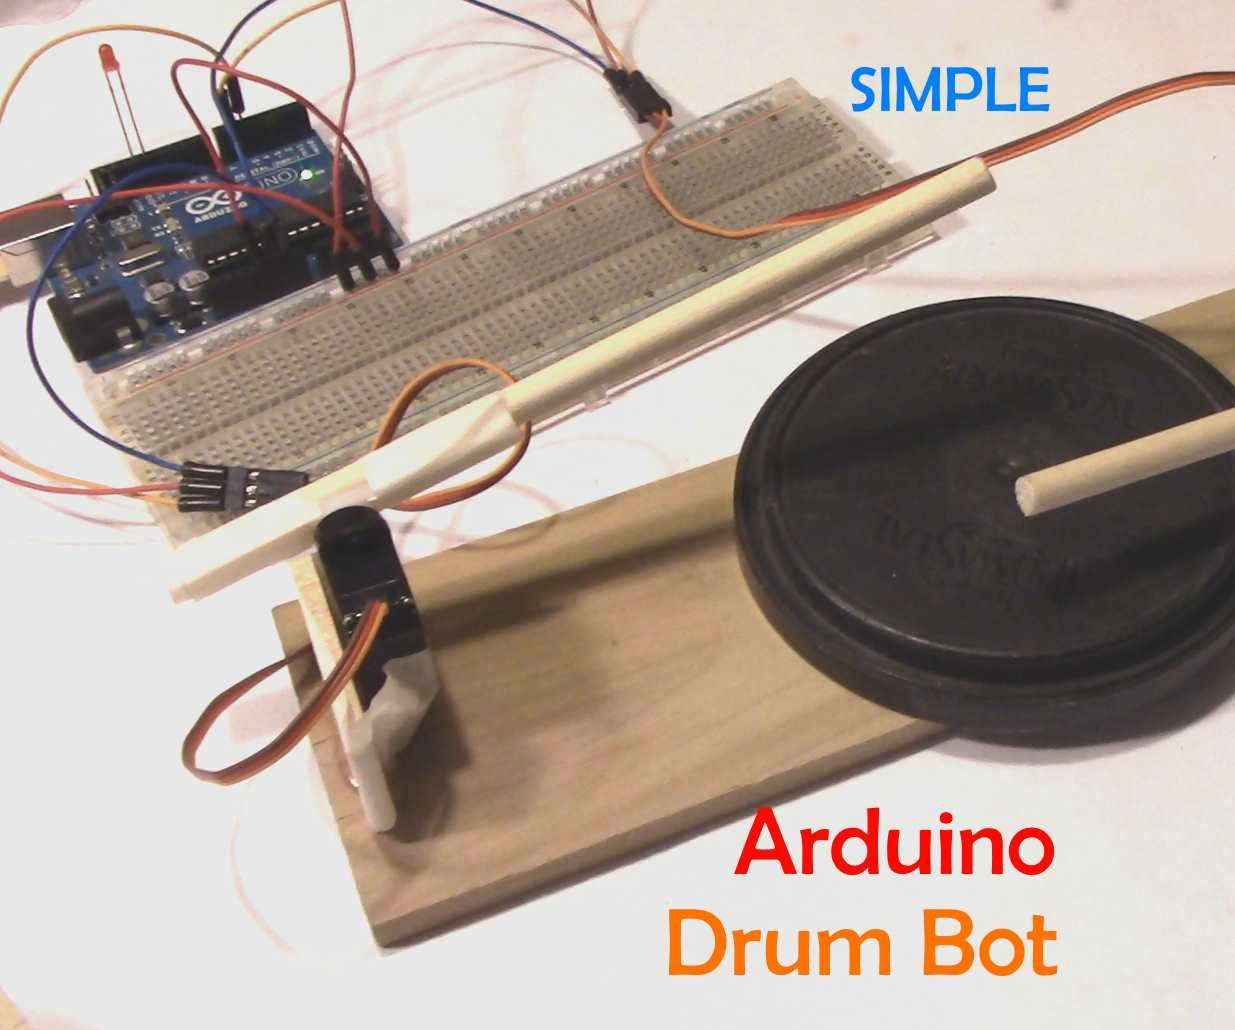 Simple Arduino Drum Robot